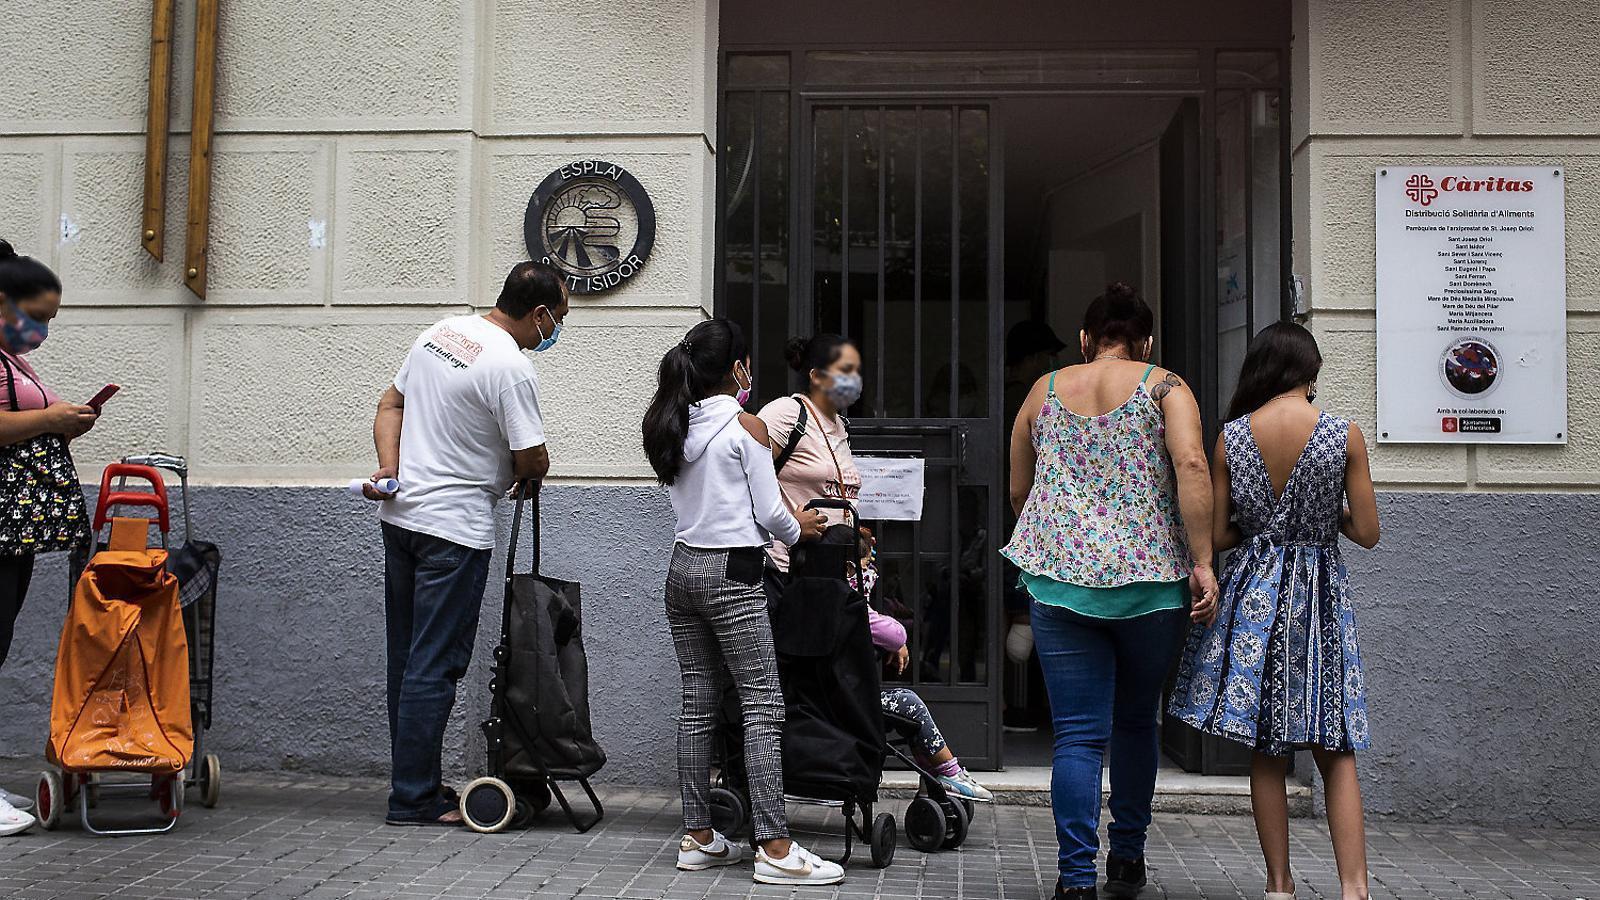 Cua de persones a l'Eixample de Barcelona esperant per rebre els aliments que distribueix Càritas.